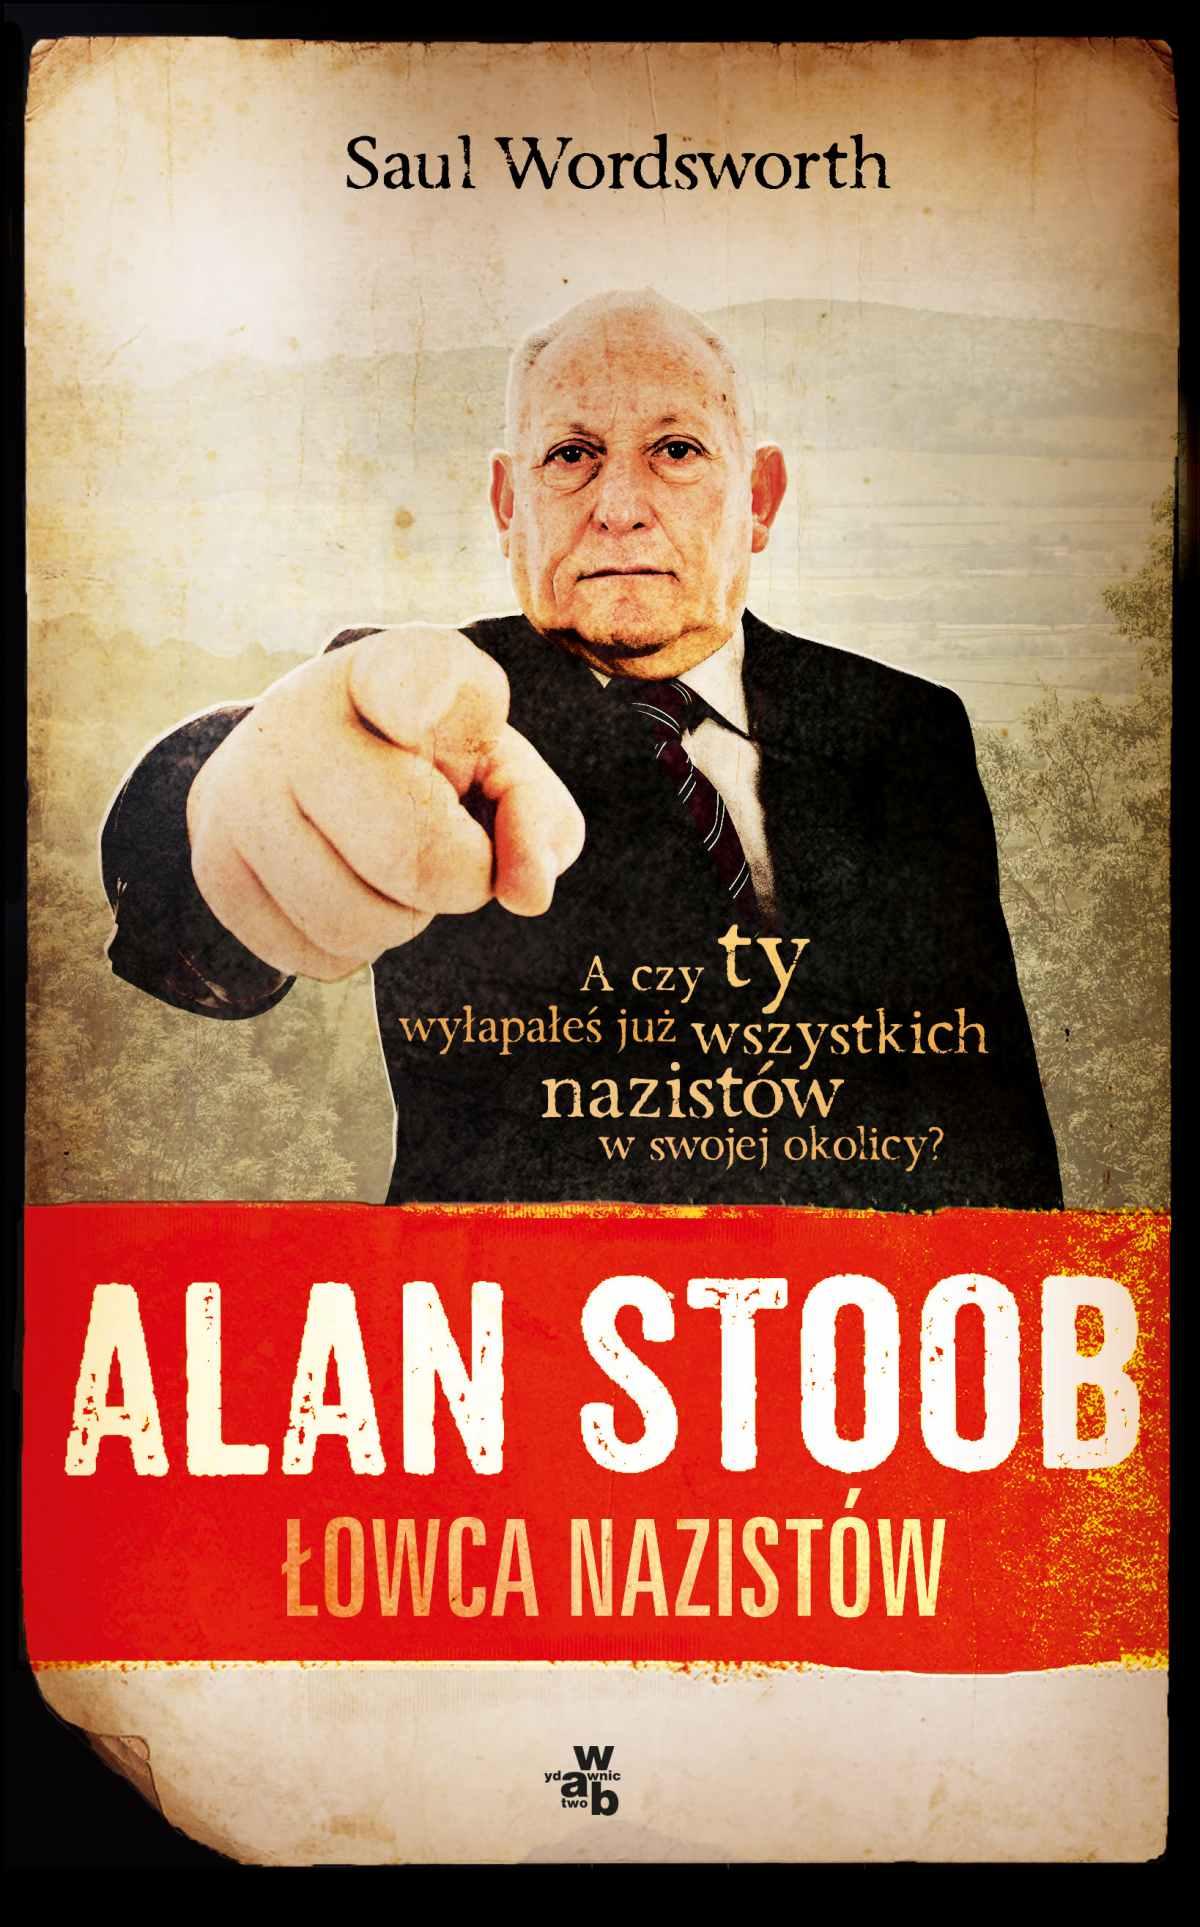 Alan Stoob, łowca nazistów - Ebook (Książka EPUB) do pobrania w formacie EPUB